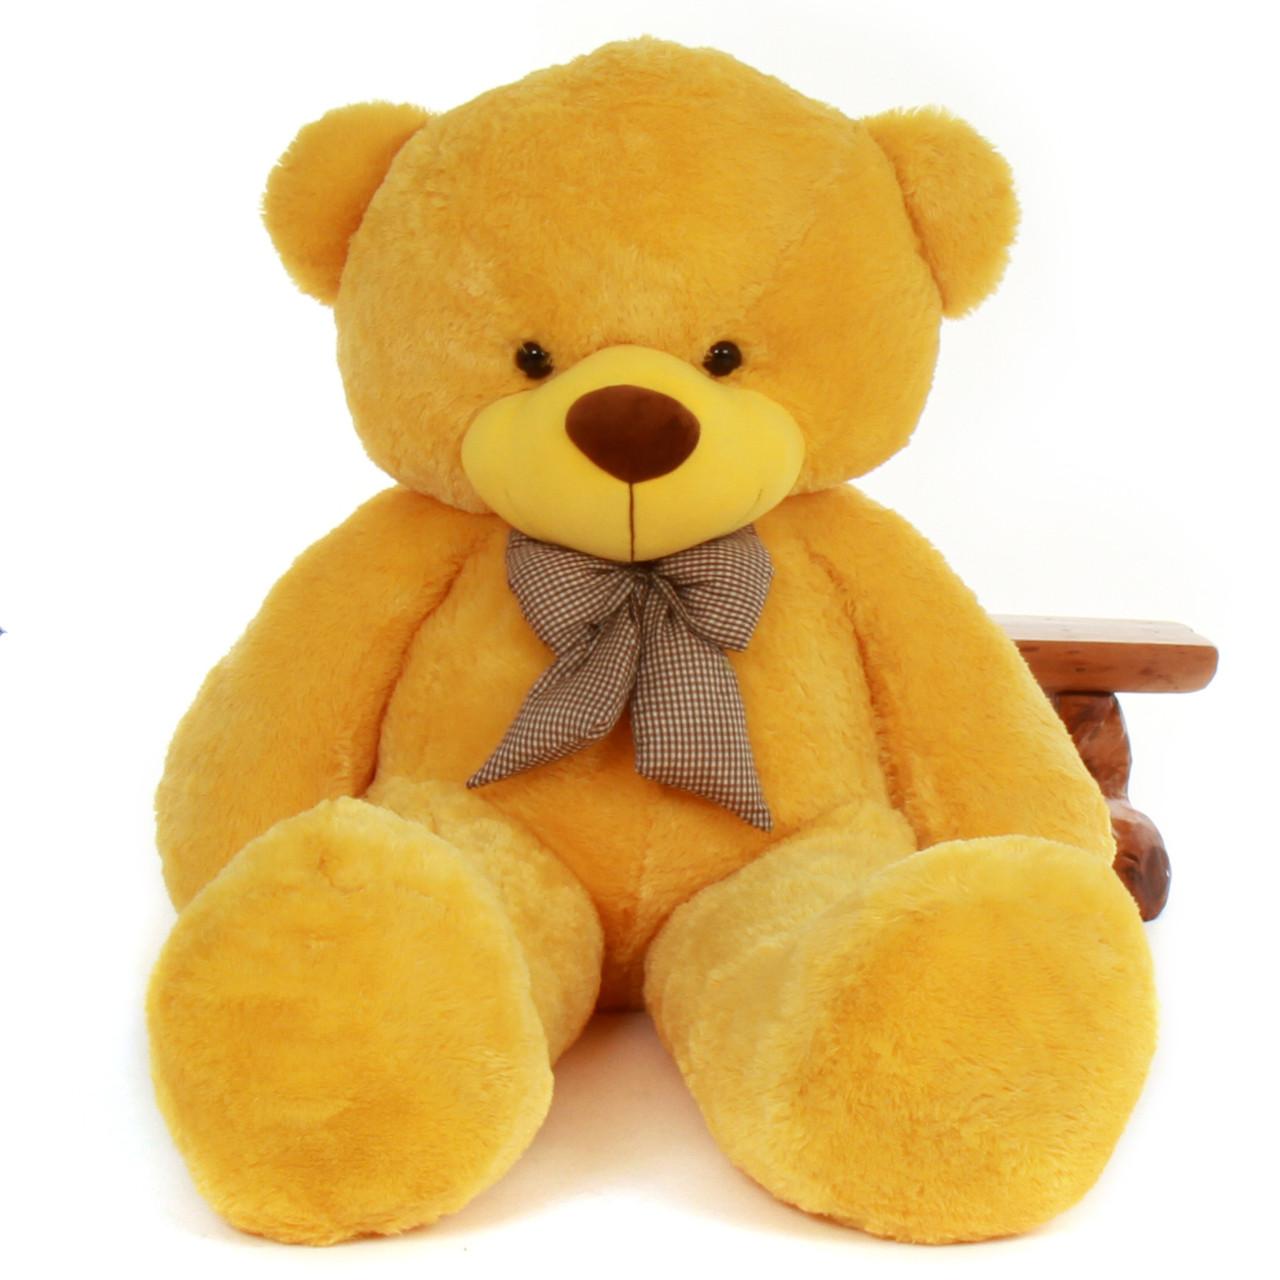 6ft Life Size Yellow Teddy Bear Daisy Cuddles Giant Teddy